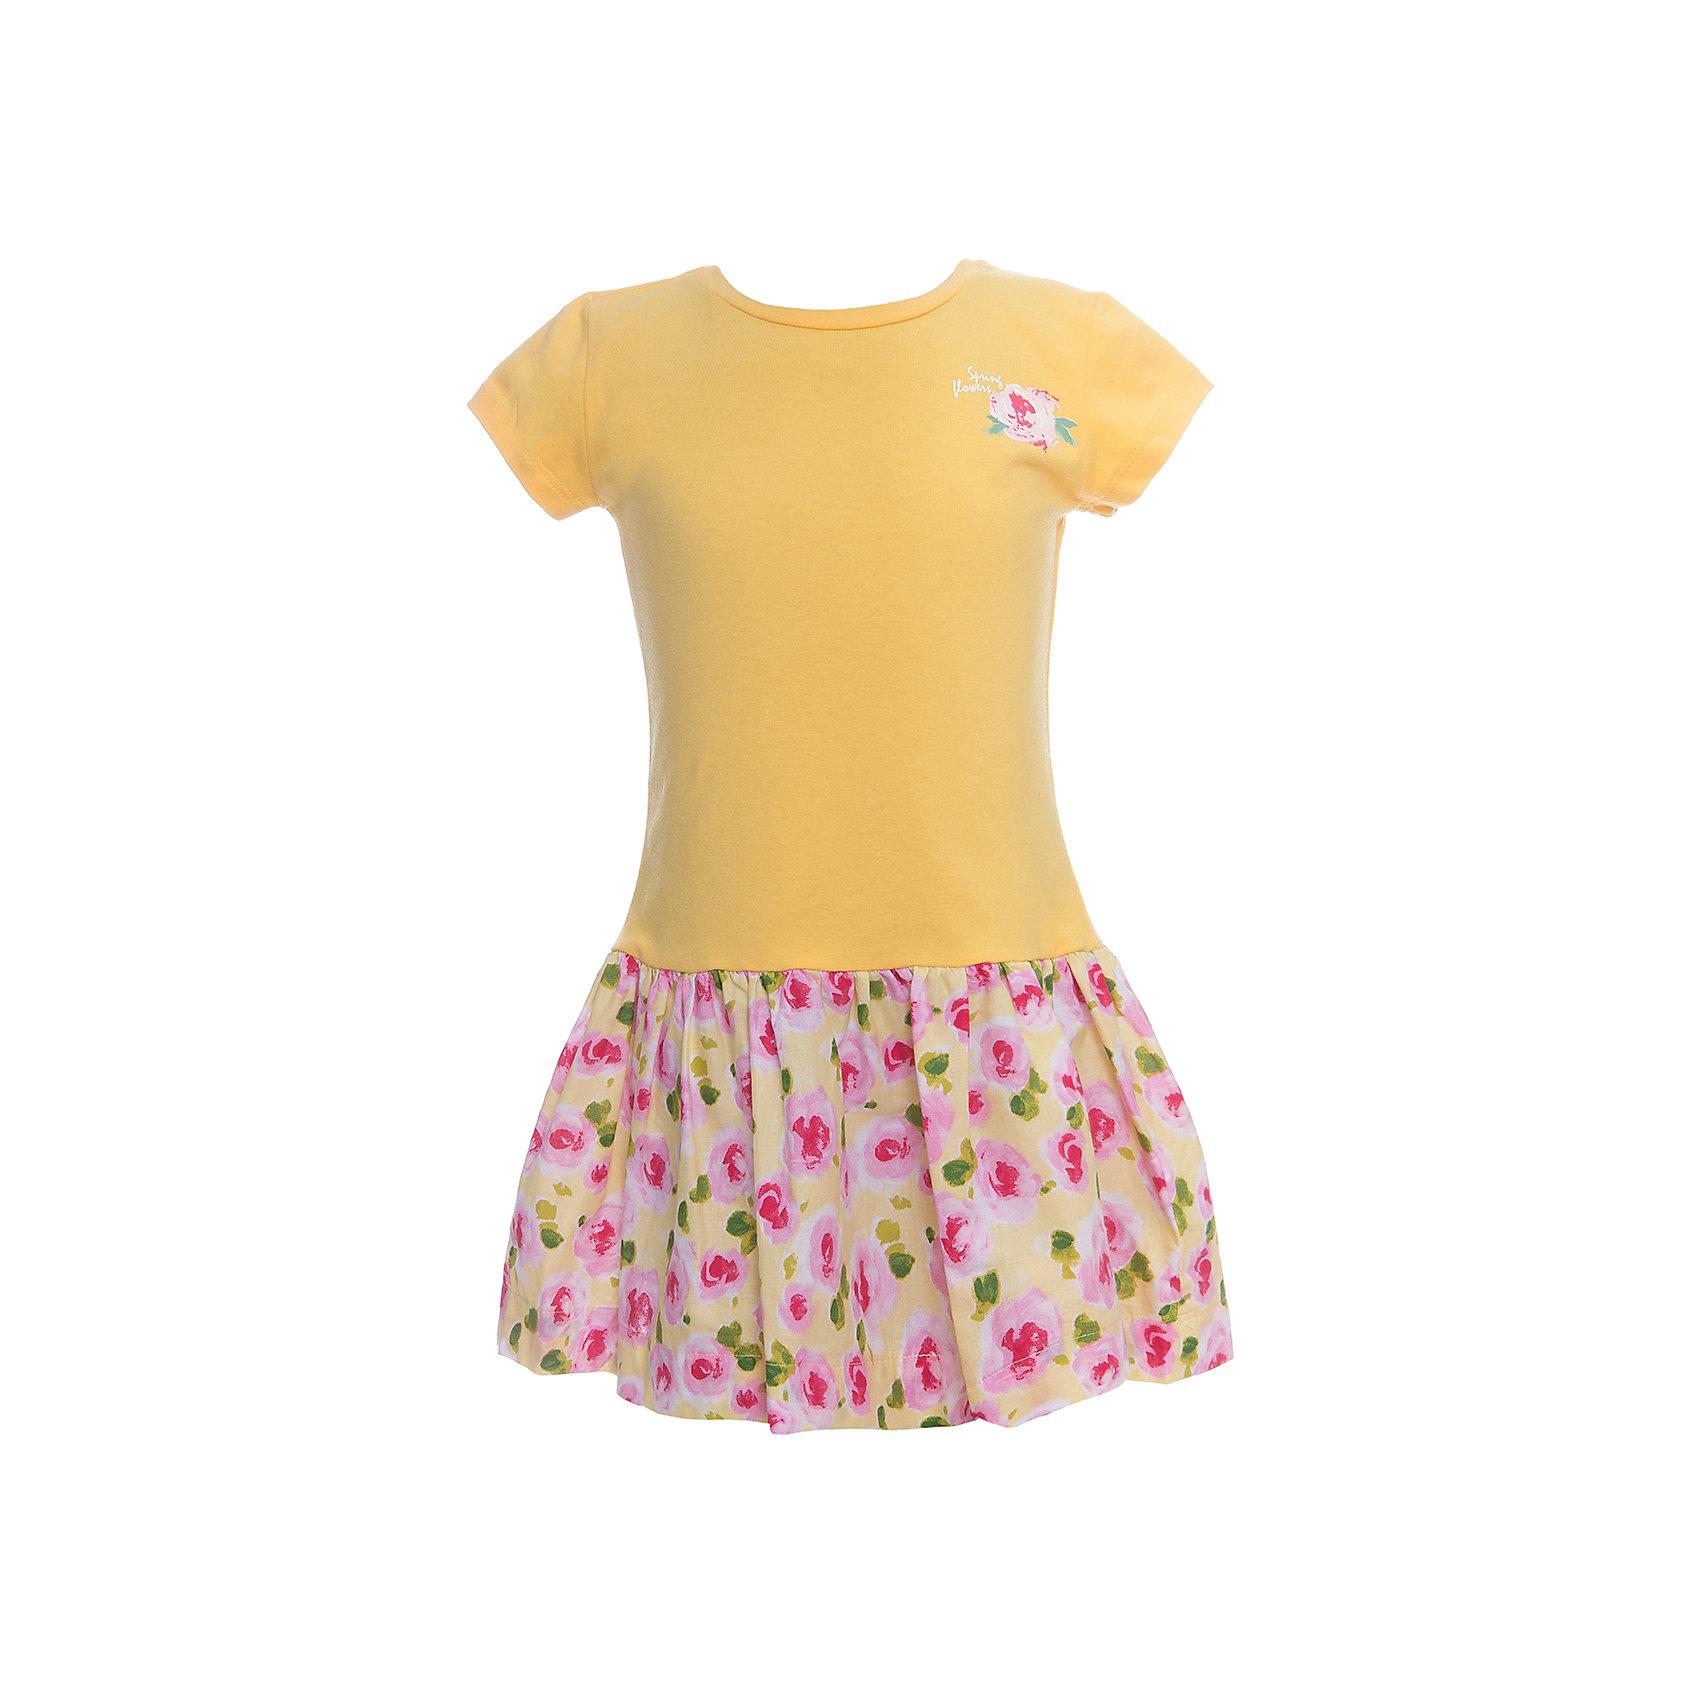 Платье для девочки WojcikПлатья и сарафаны<br>Характеристики товара:<br><br>• цвет: желтый<br>• состав ткани: хлопок 95%, эластан 5%<br>• комбинированный материал<br>• сезон: лето<br>• короткие рукава<br>• страна бренда: Польша<br>• страна изготовитель: Польша<br><br>Желтое платье для девочки Войчик отличается модным кроем с пышным подолом. Яркое платье для девочки Wojcik - удобная и модная одежда для теплого времени года. <br><br>Эта модель одежды для детей сделана из качественного материала с преобладание дышащего натурального хлопка в составе. Польская одежда для детей от бренда Войчик - это качественные и стильные вещи.<br><br>Платье для девочки Wojcik (Войчик) можно купить в нашем интернет-магазине.<br><br>Ширина мм: 236<br>Глубина мм: 16<br>Высота мм: 184<br>Вес г: 177<br>Цвет: желтый<br>Возраст от месяцев: 60<br>Возраст до месяцев: 72<br>Пол: Женский<br>Возраст: Детский<br>Размер: 116,104<br>SKU: 5589635